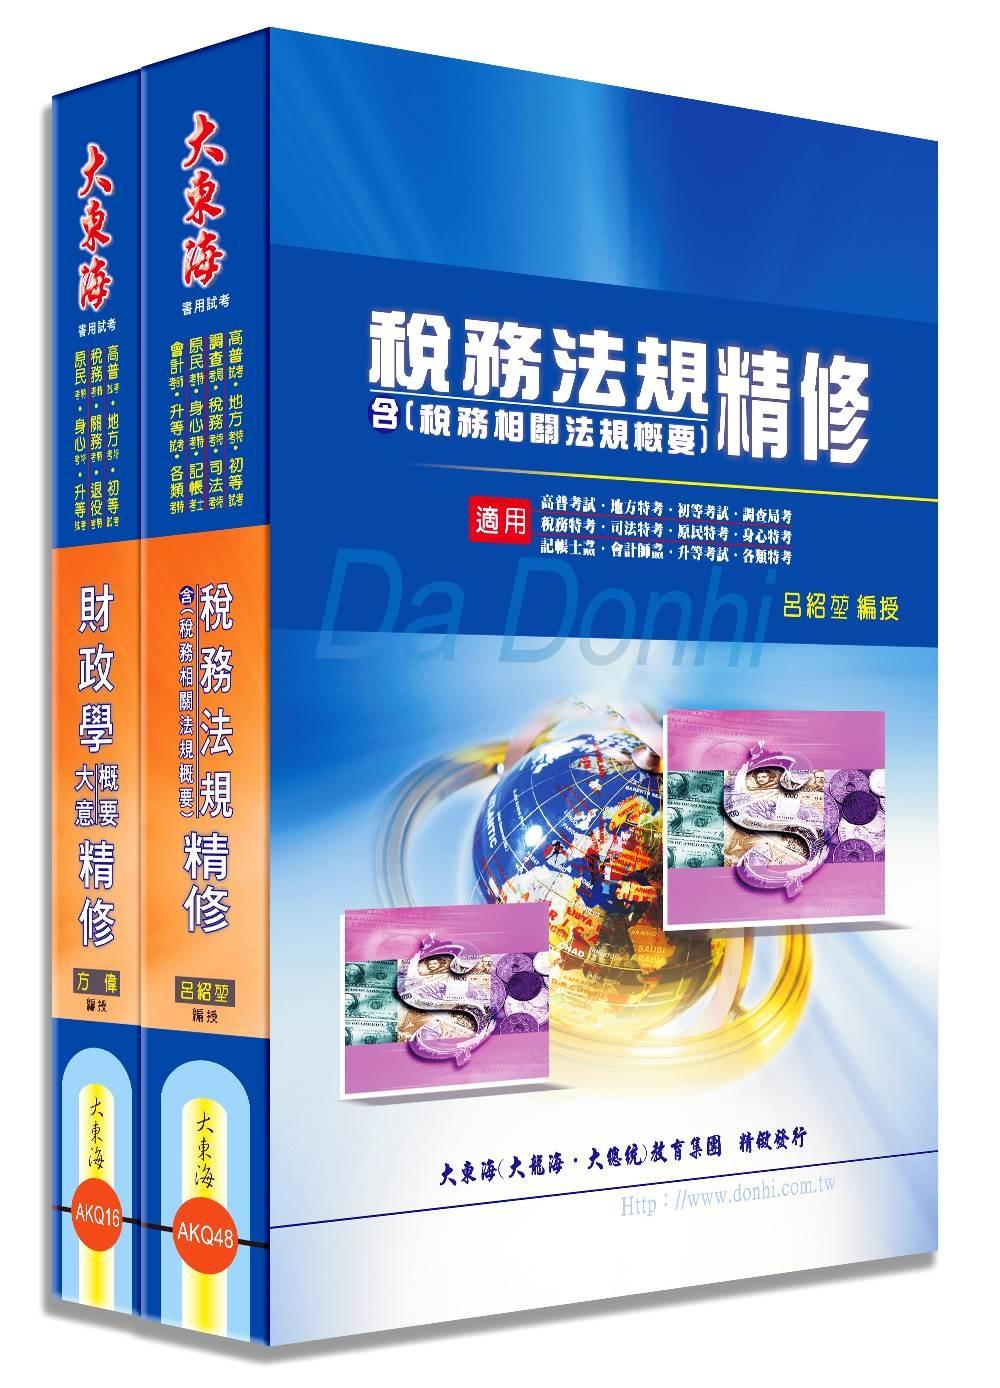 初等/地方/身心五等特考(財稅行政) 專業科目套書